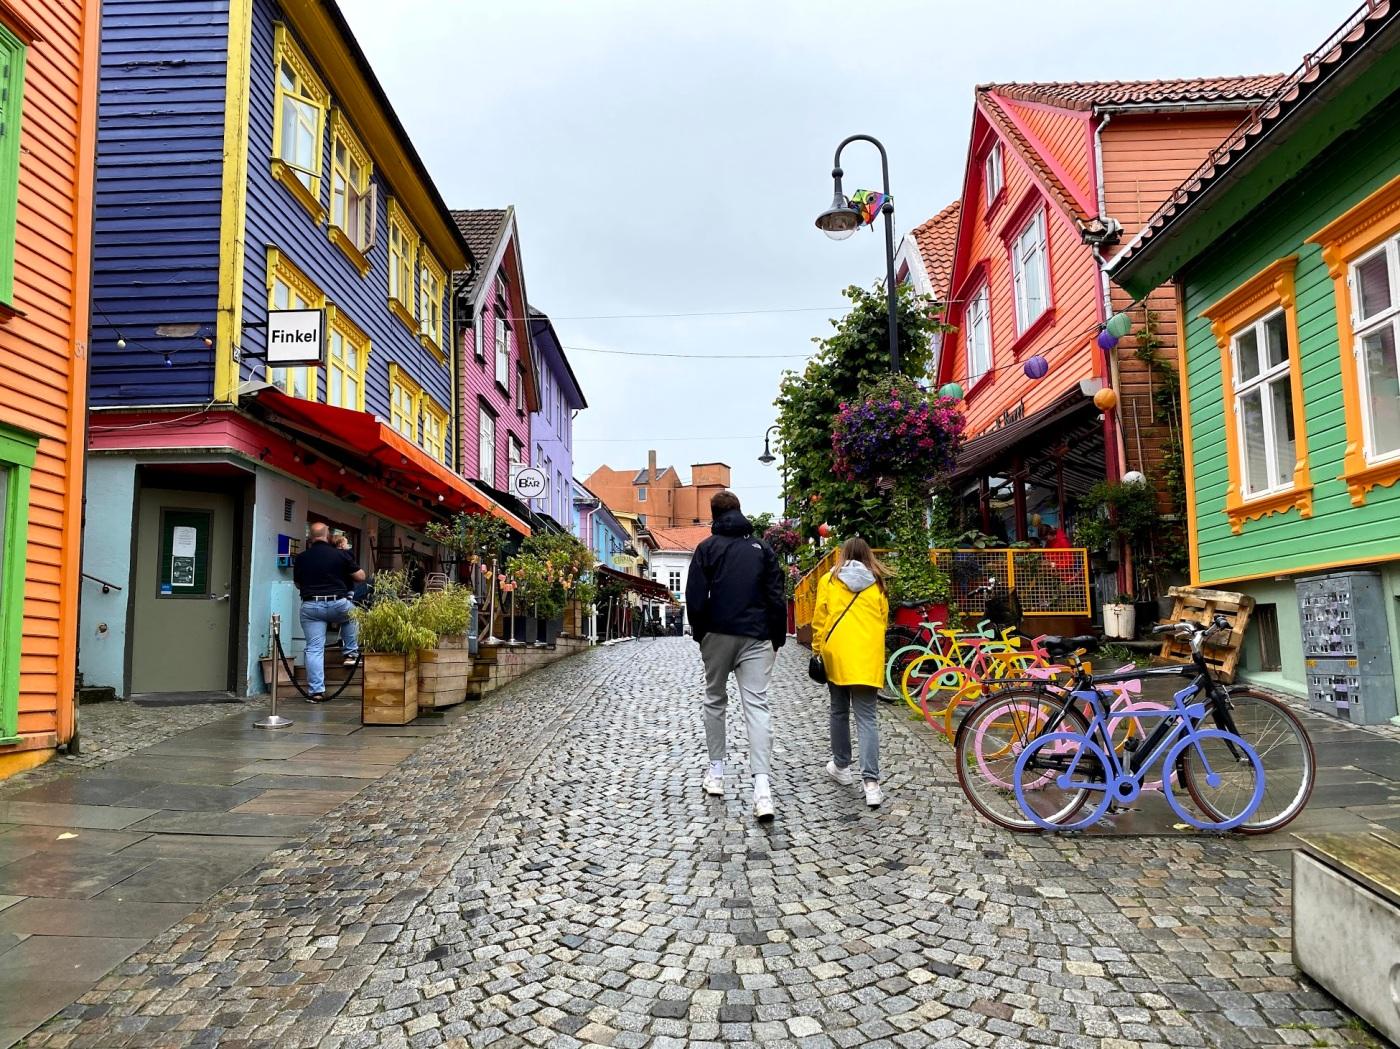 FOTO: Fargegaten i Stavanger. Illustrerer at mangfold gir verdi.